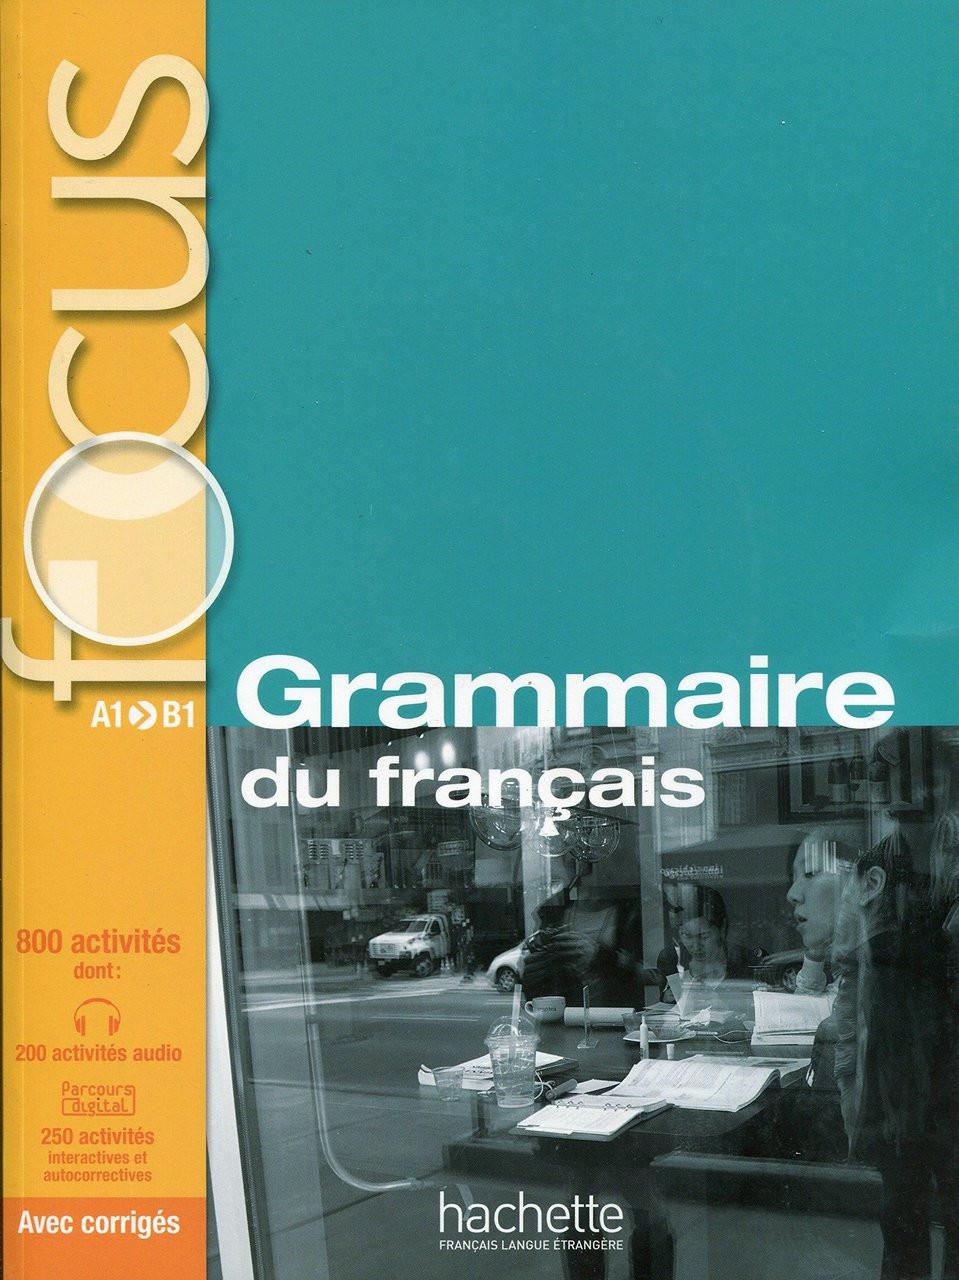 Grammaire Du Francais A1 B1 800 Activites With Corriges